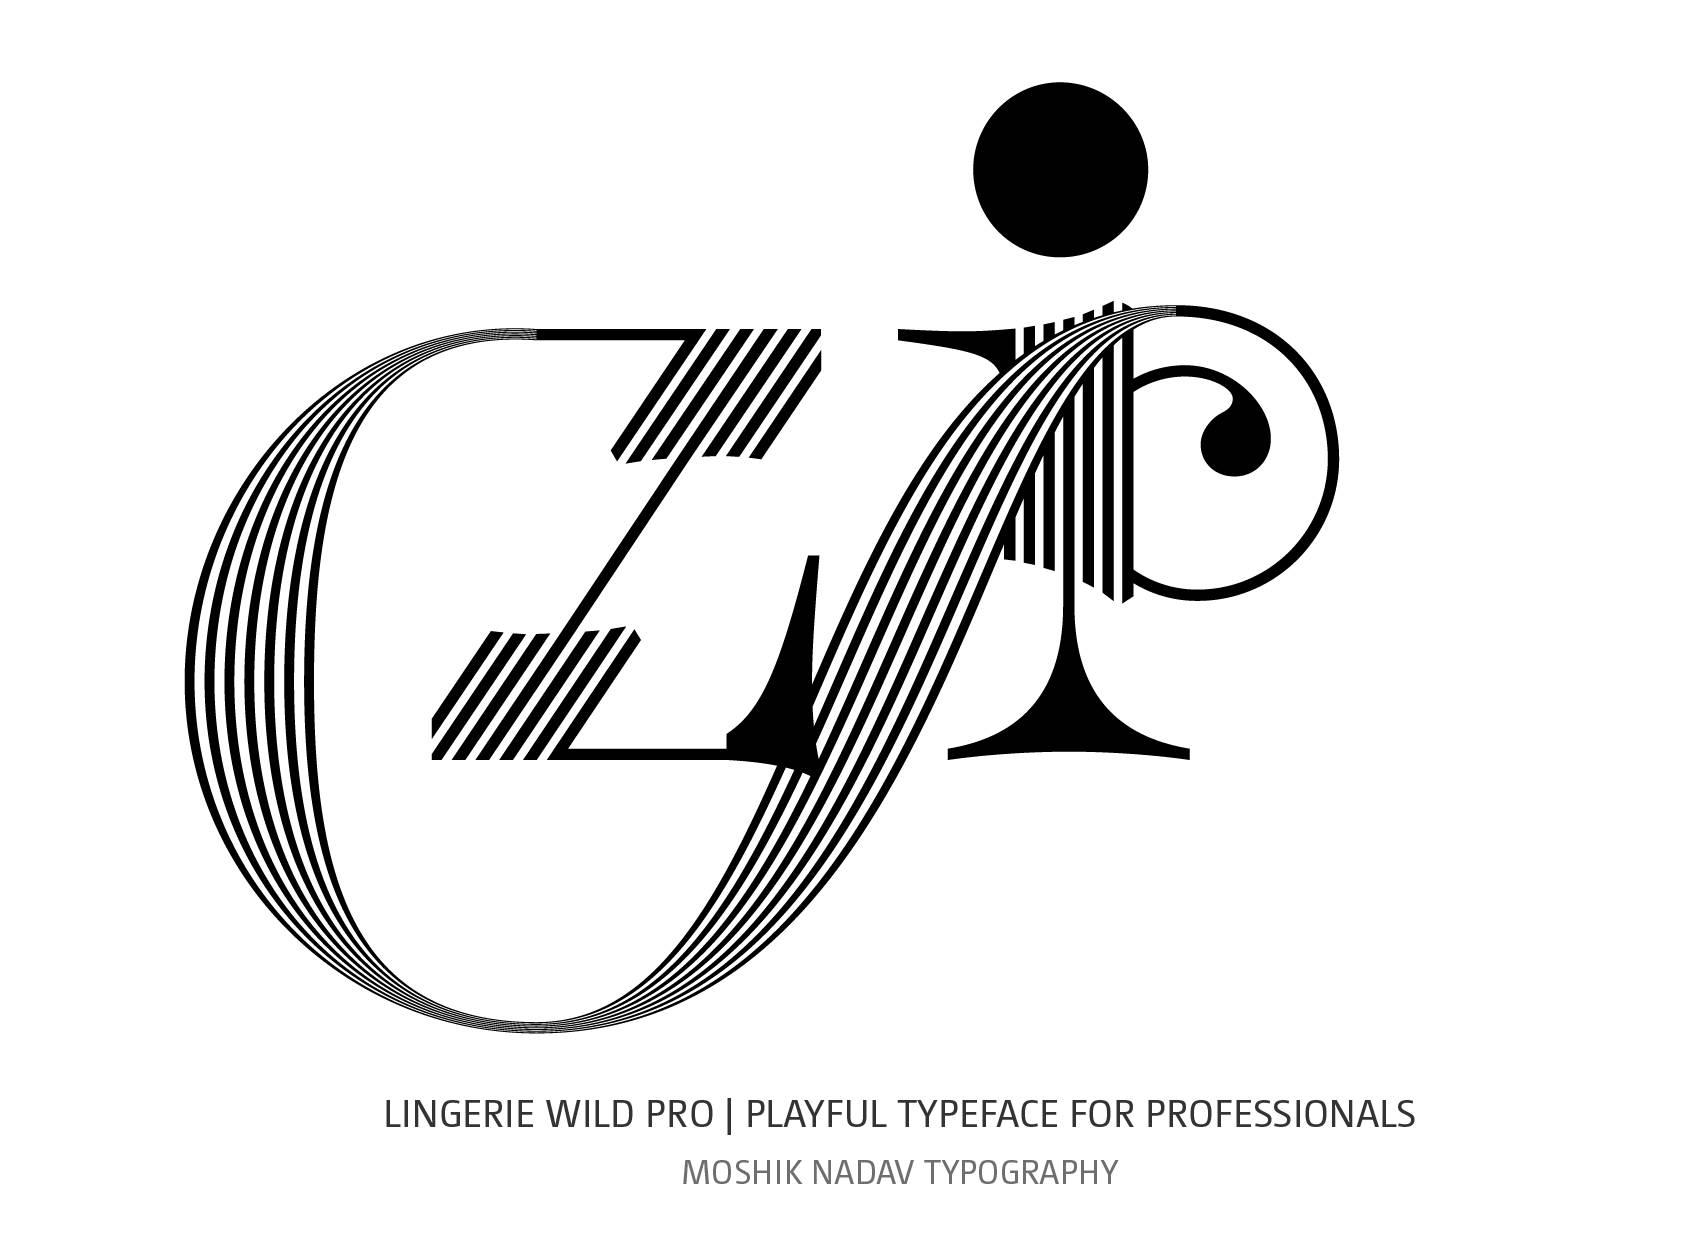 sexy ligatures font by Moshik Nadav Typography